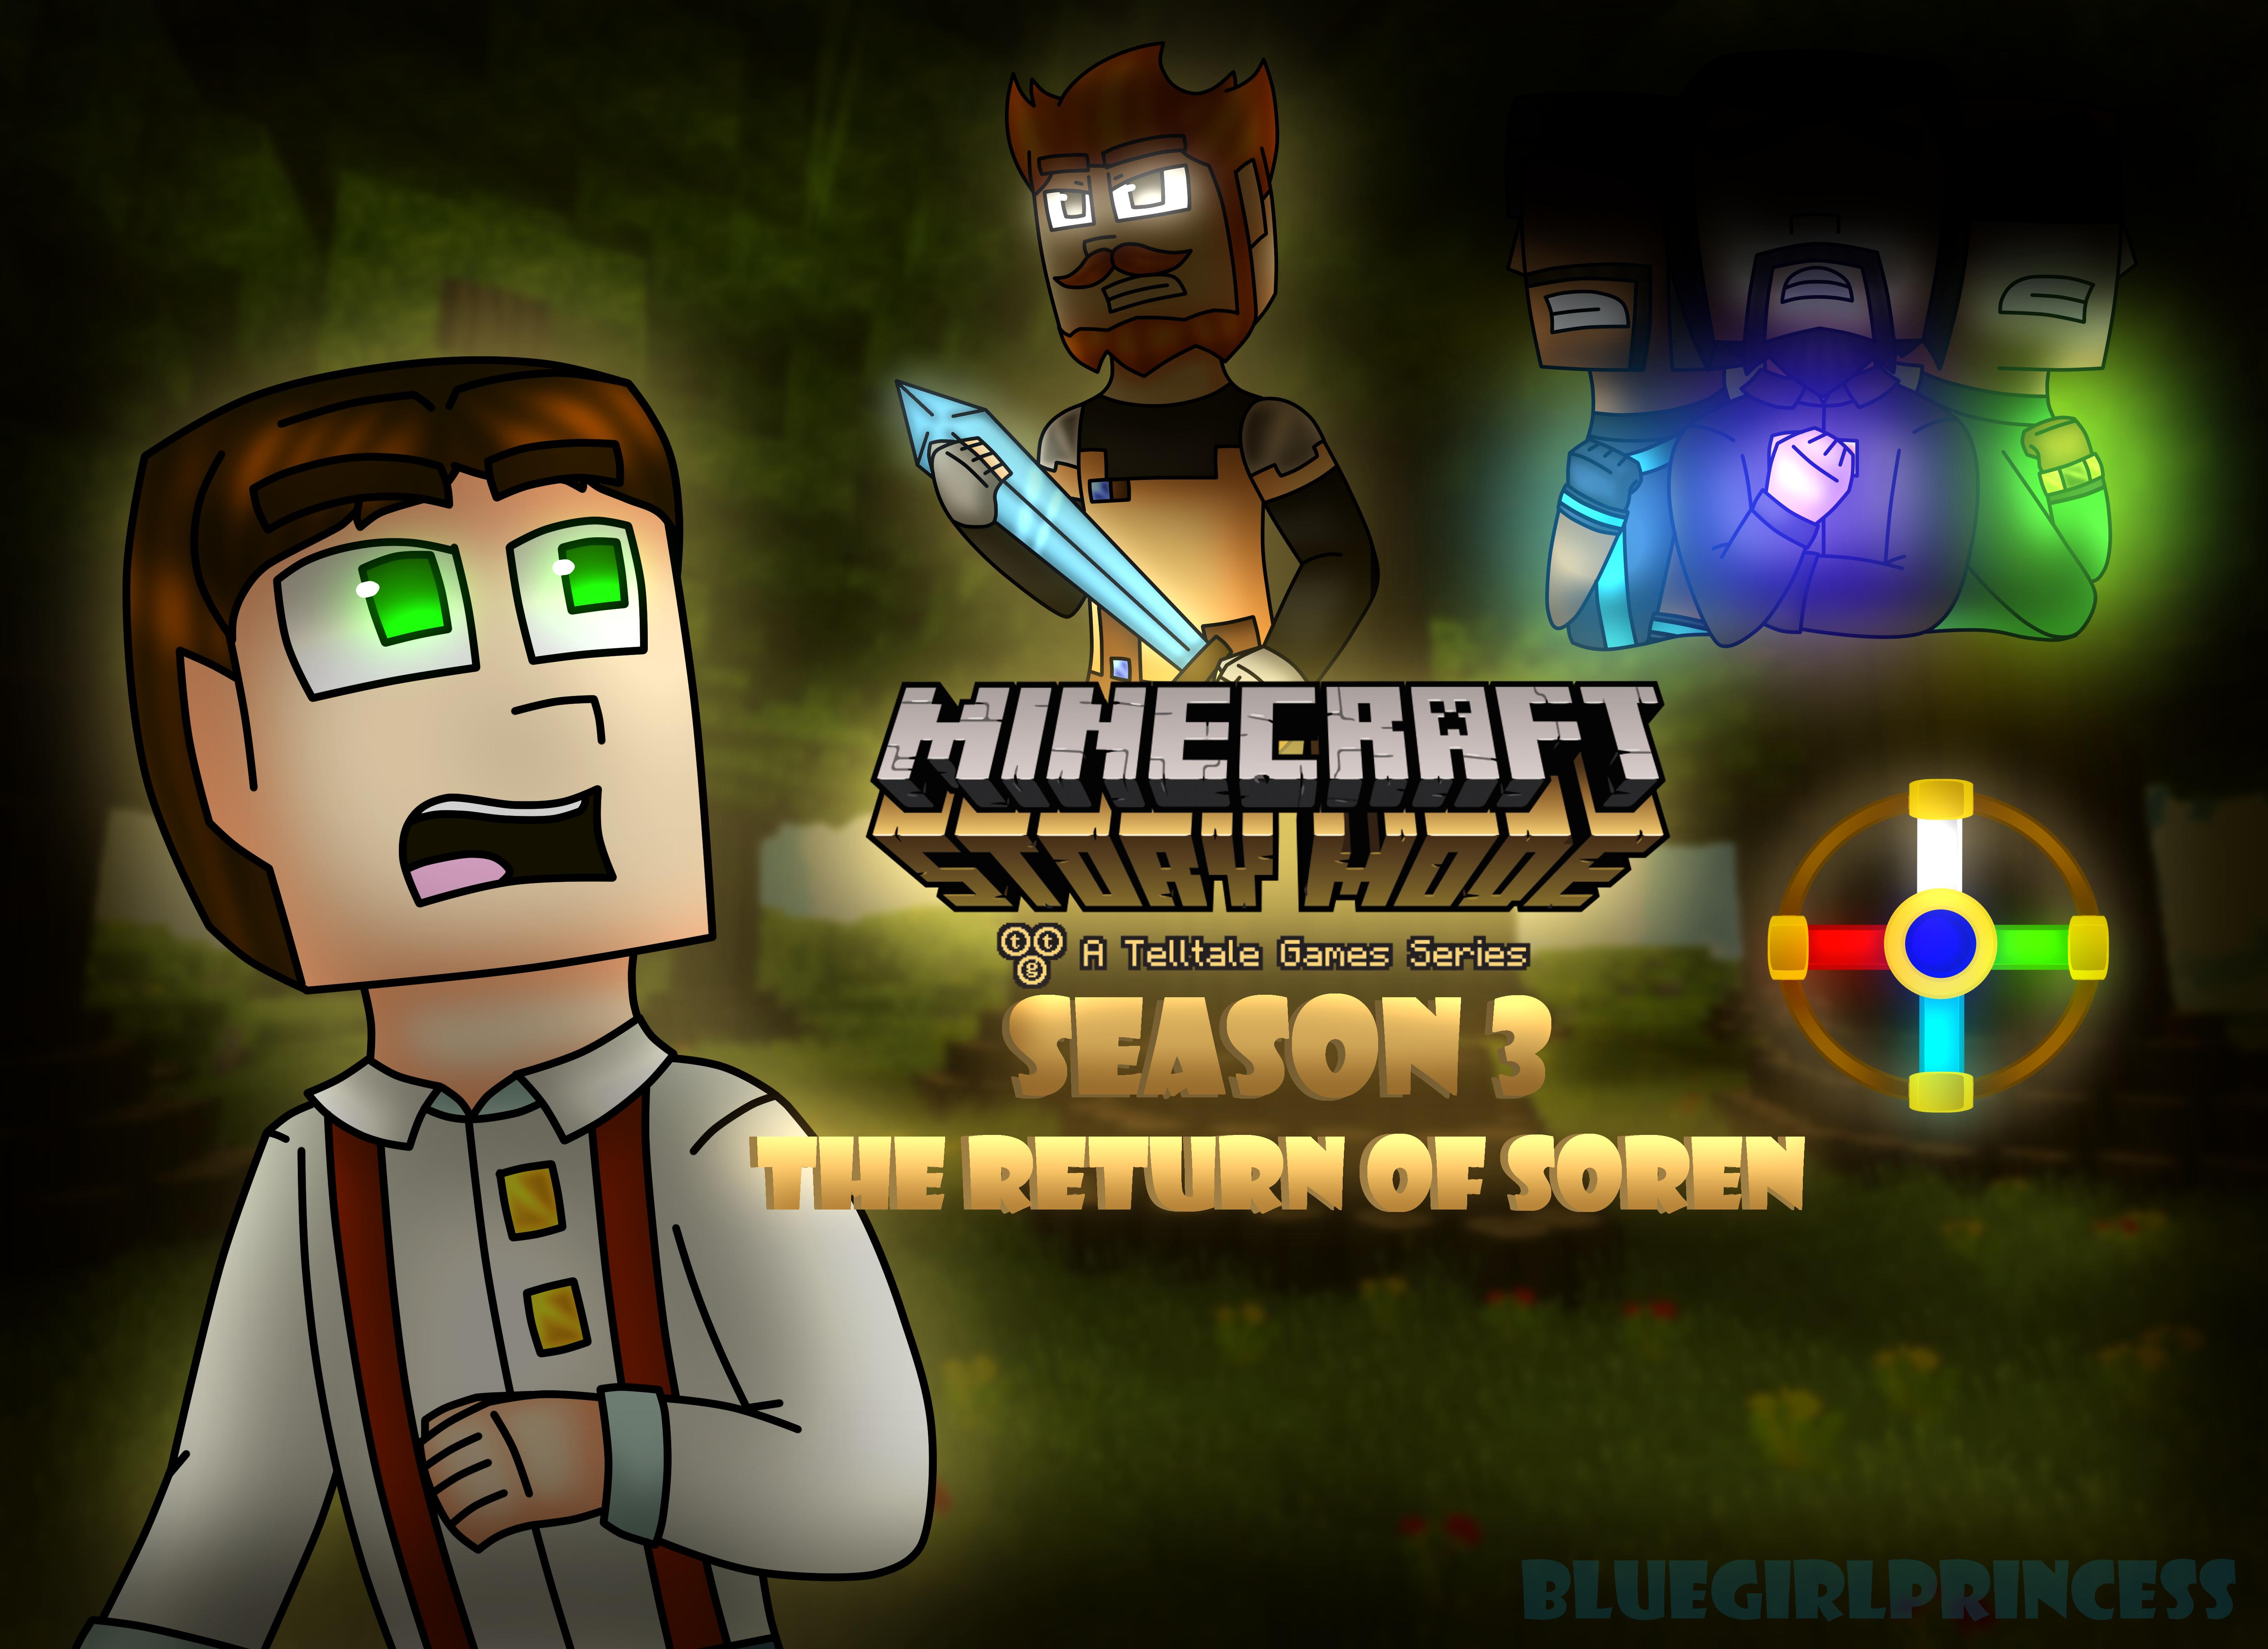 Minecraft Story Mode Season 3 The Return Of Soren By Bluegirlprincess On Deviantart